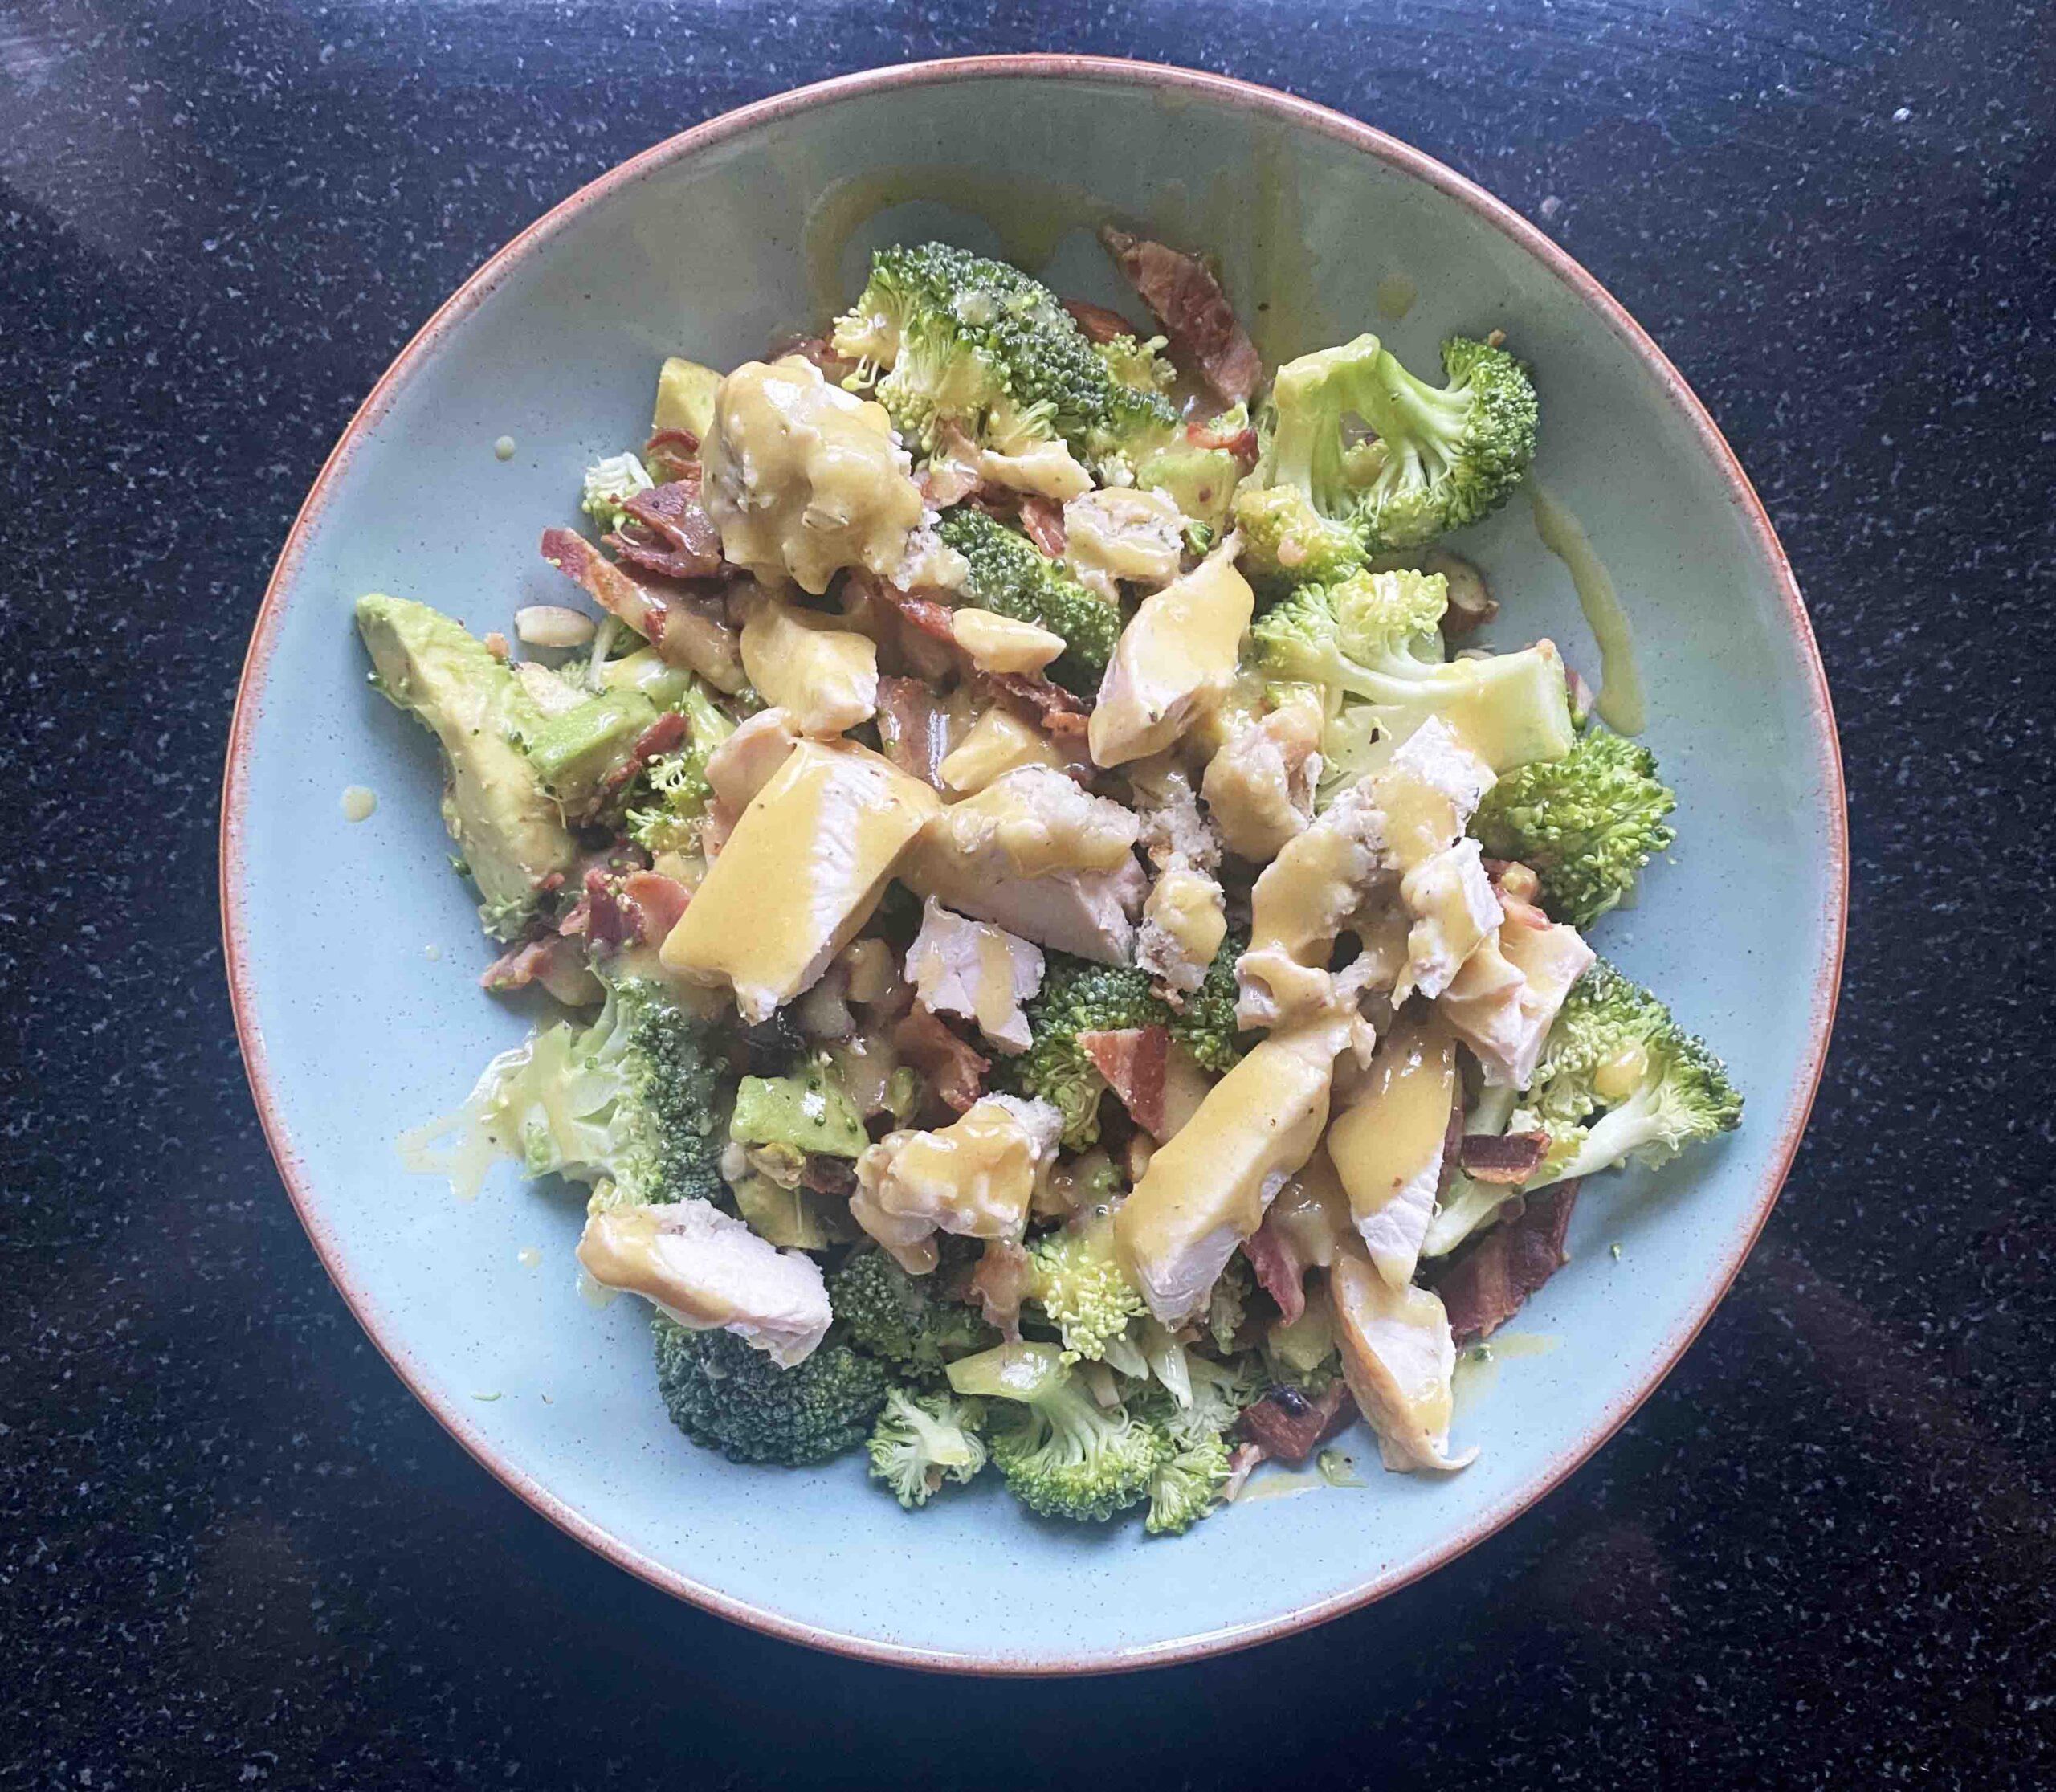 Easy Broccoli Salad With Bacon Recipe